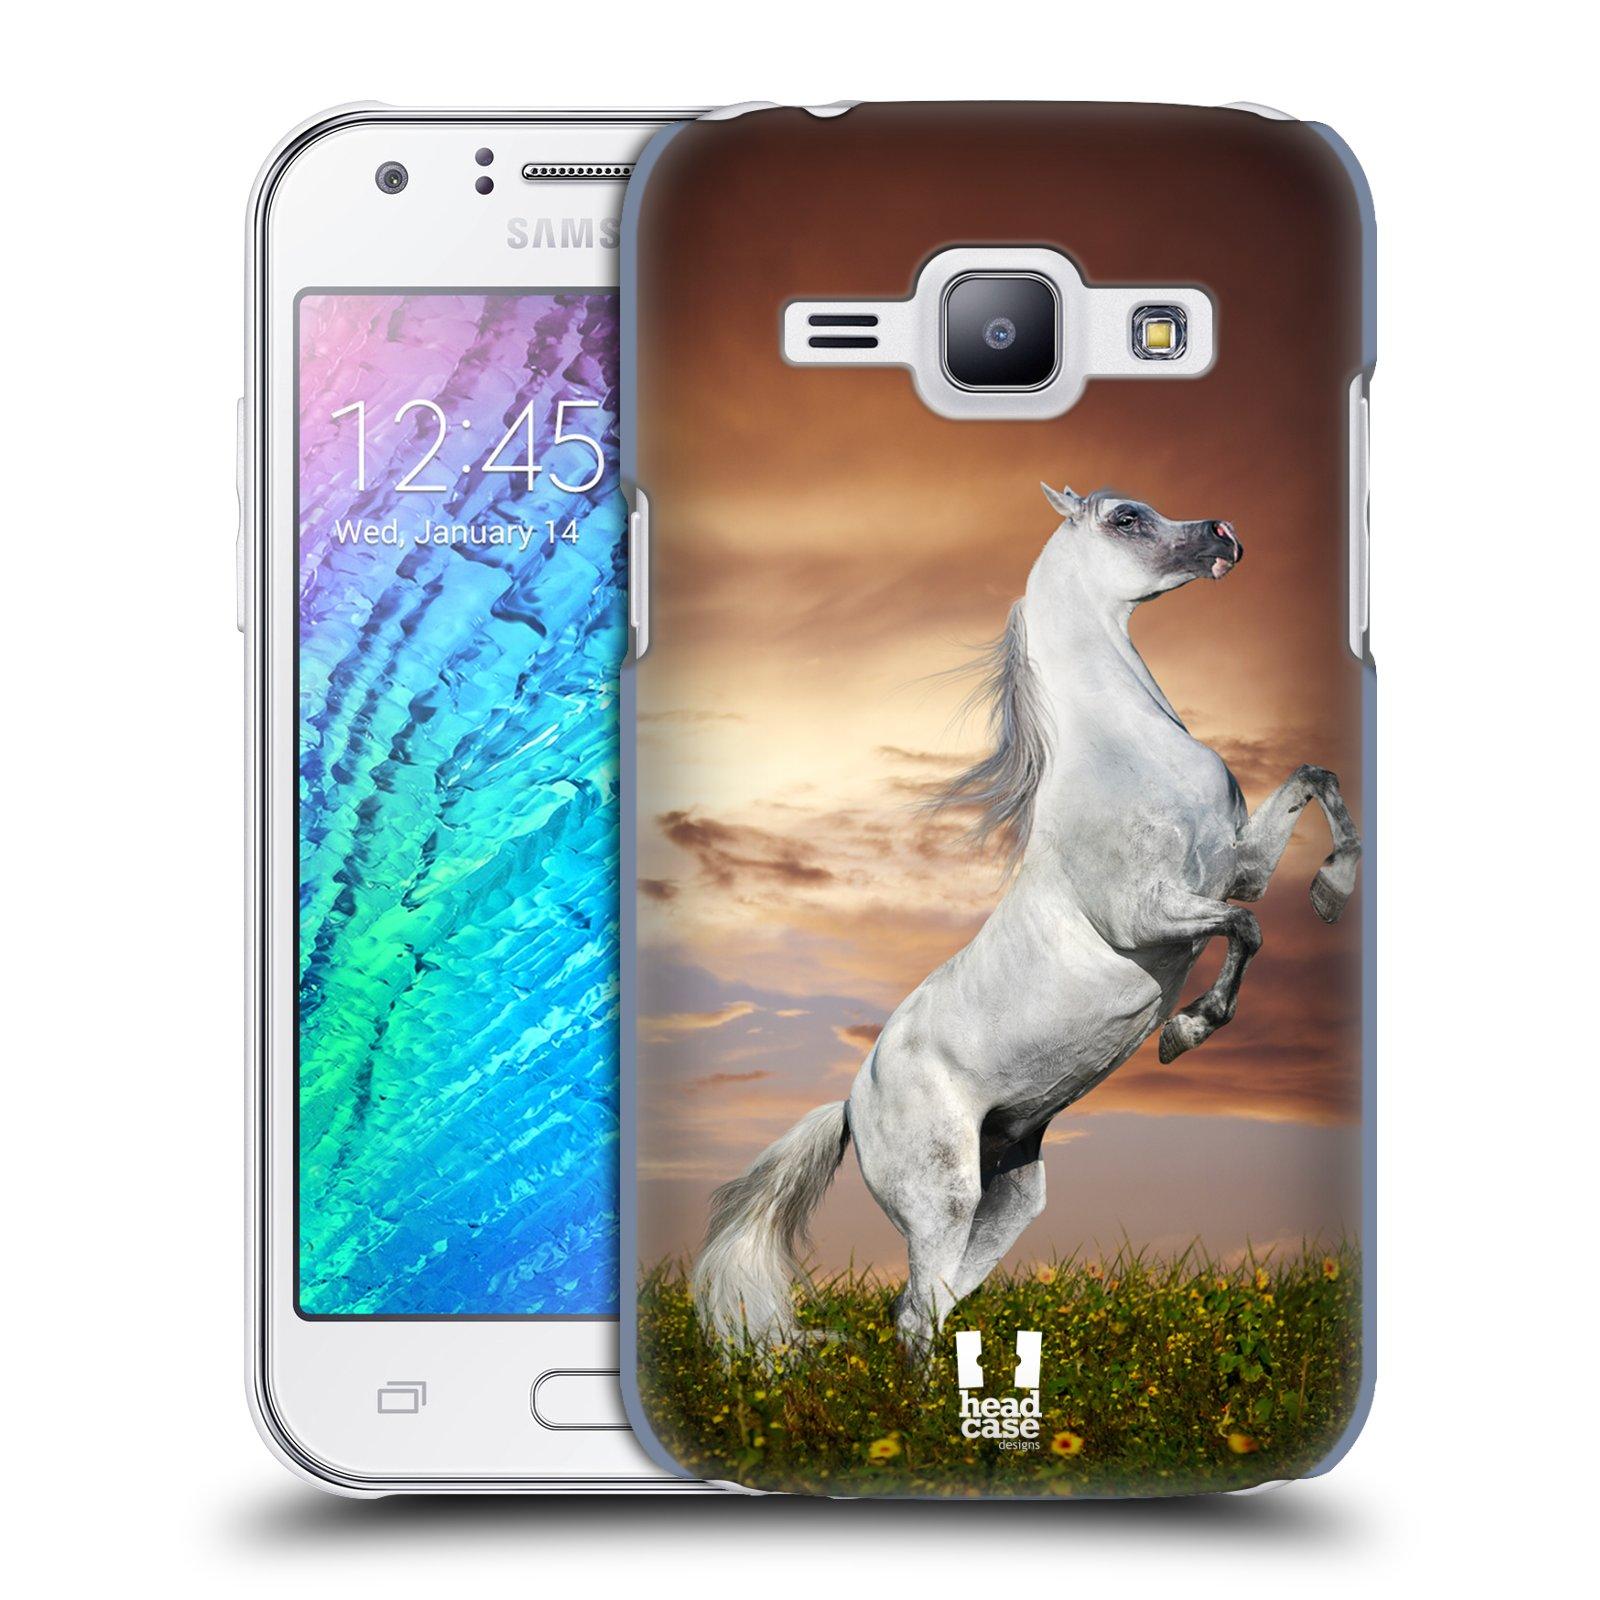 HEAD CASE plastový obal na mobil SAMSUNG Galaxy J1, J100 vzor Divočina, Divoký život a zvířata foto DIVOKÝ KŮŇ MUSTANG BÍLÁ